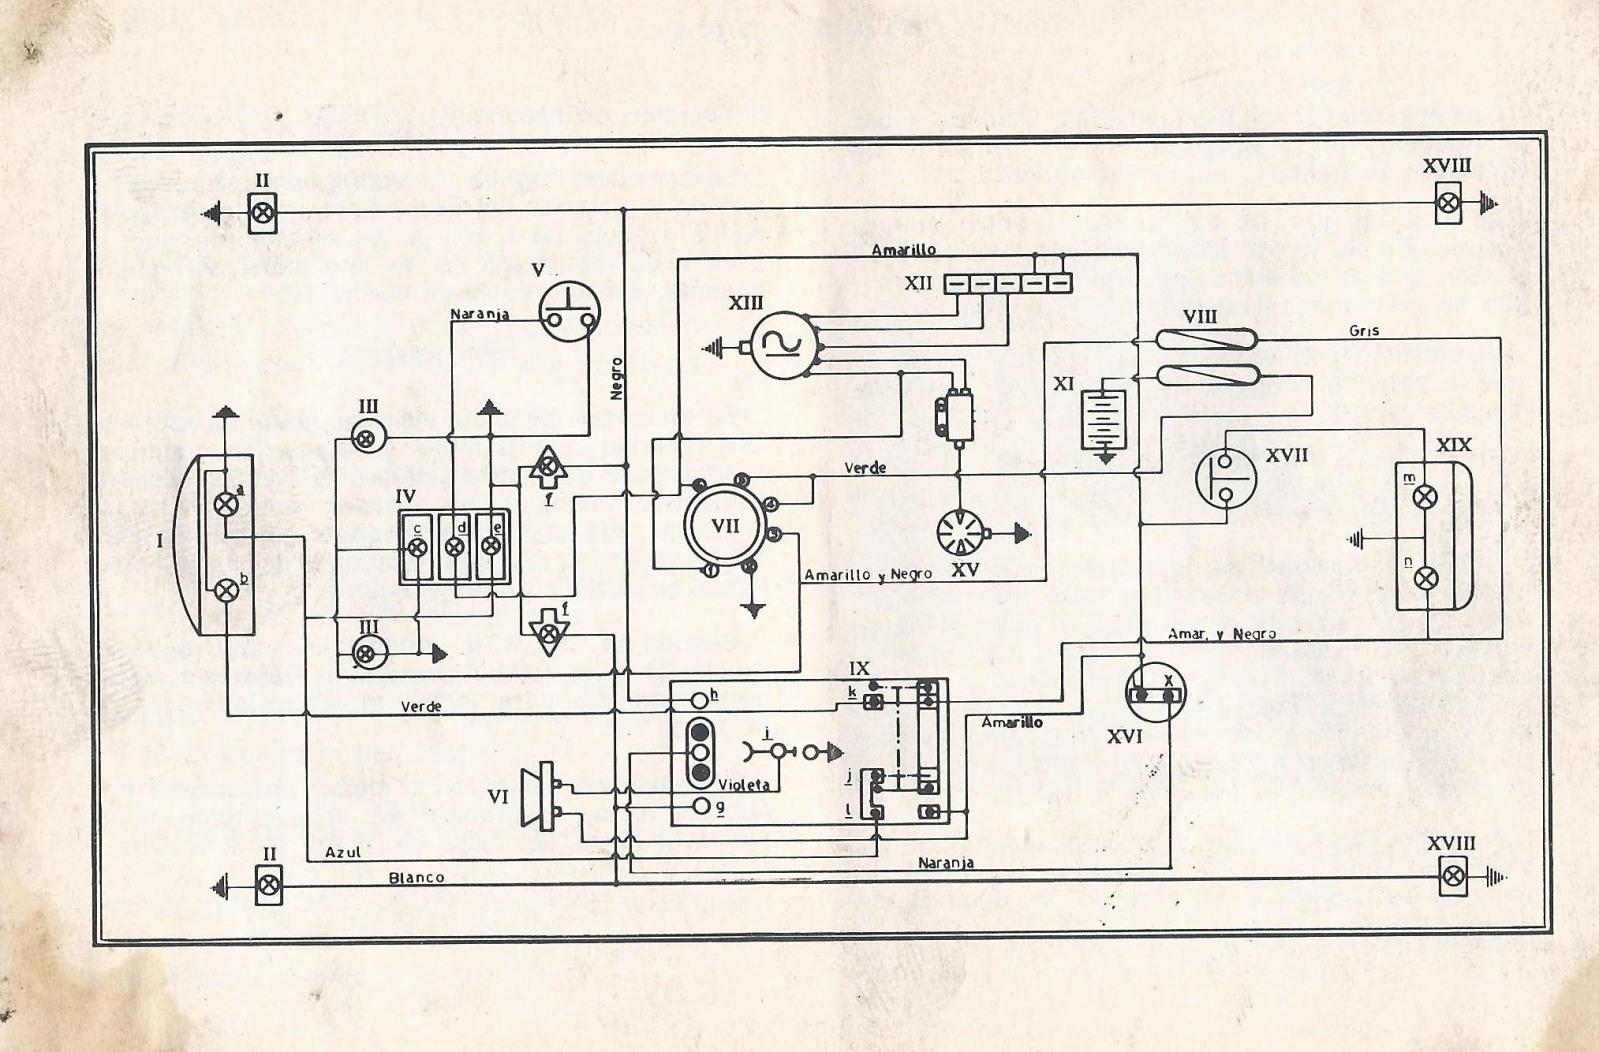 Manual  Despiece  Circuito Electrico Zanella Nt 200